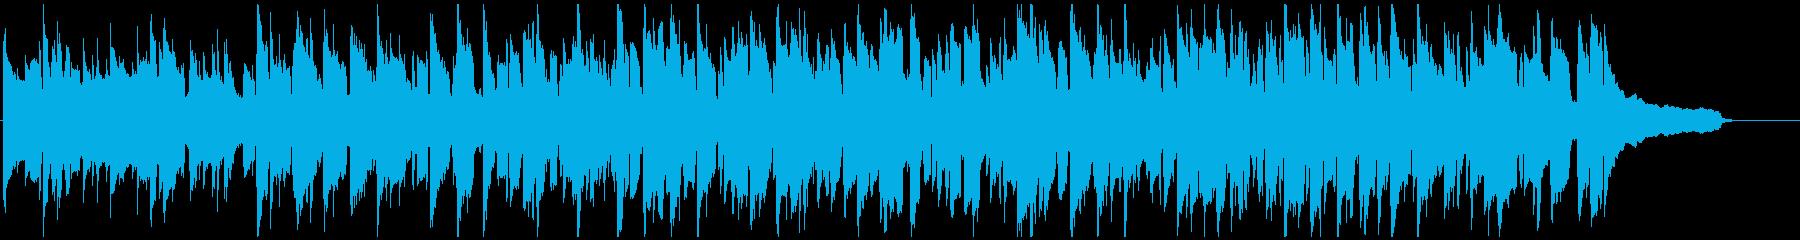 リコーダー&ピアノ、田舎、ノスタルジックの再生済みの波形